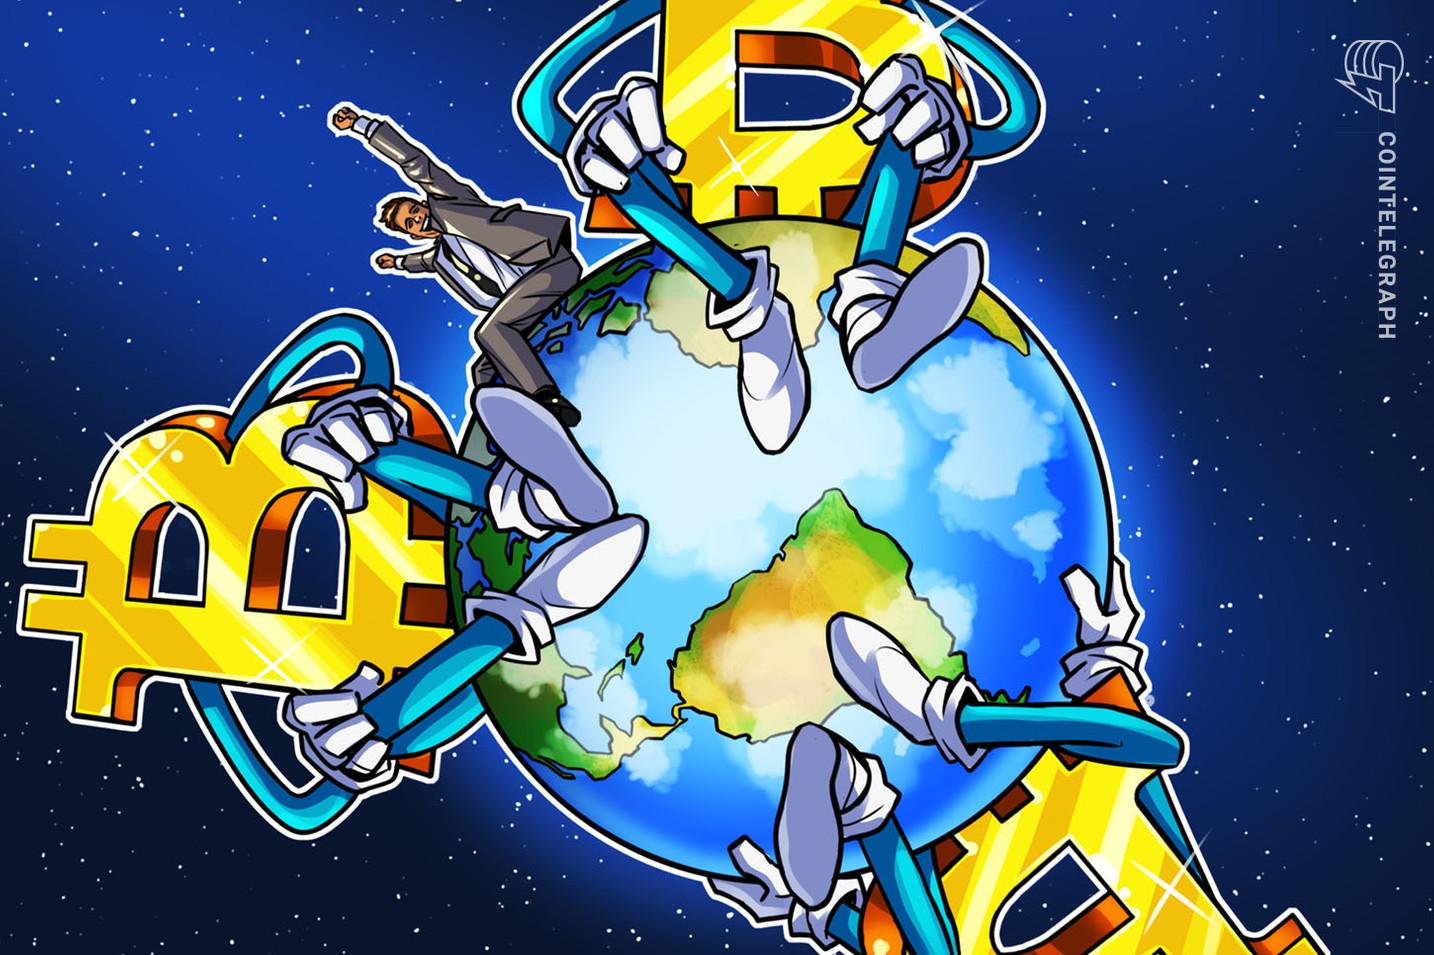 Los traders dicen que el precio de Bitcoin 'necesitaba un retroceso' para mantener el impulso alcista